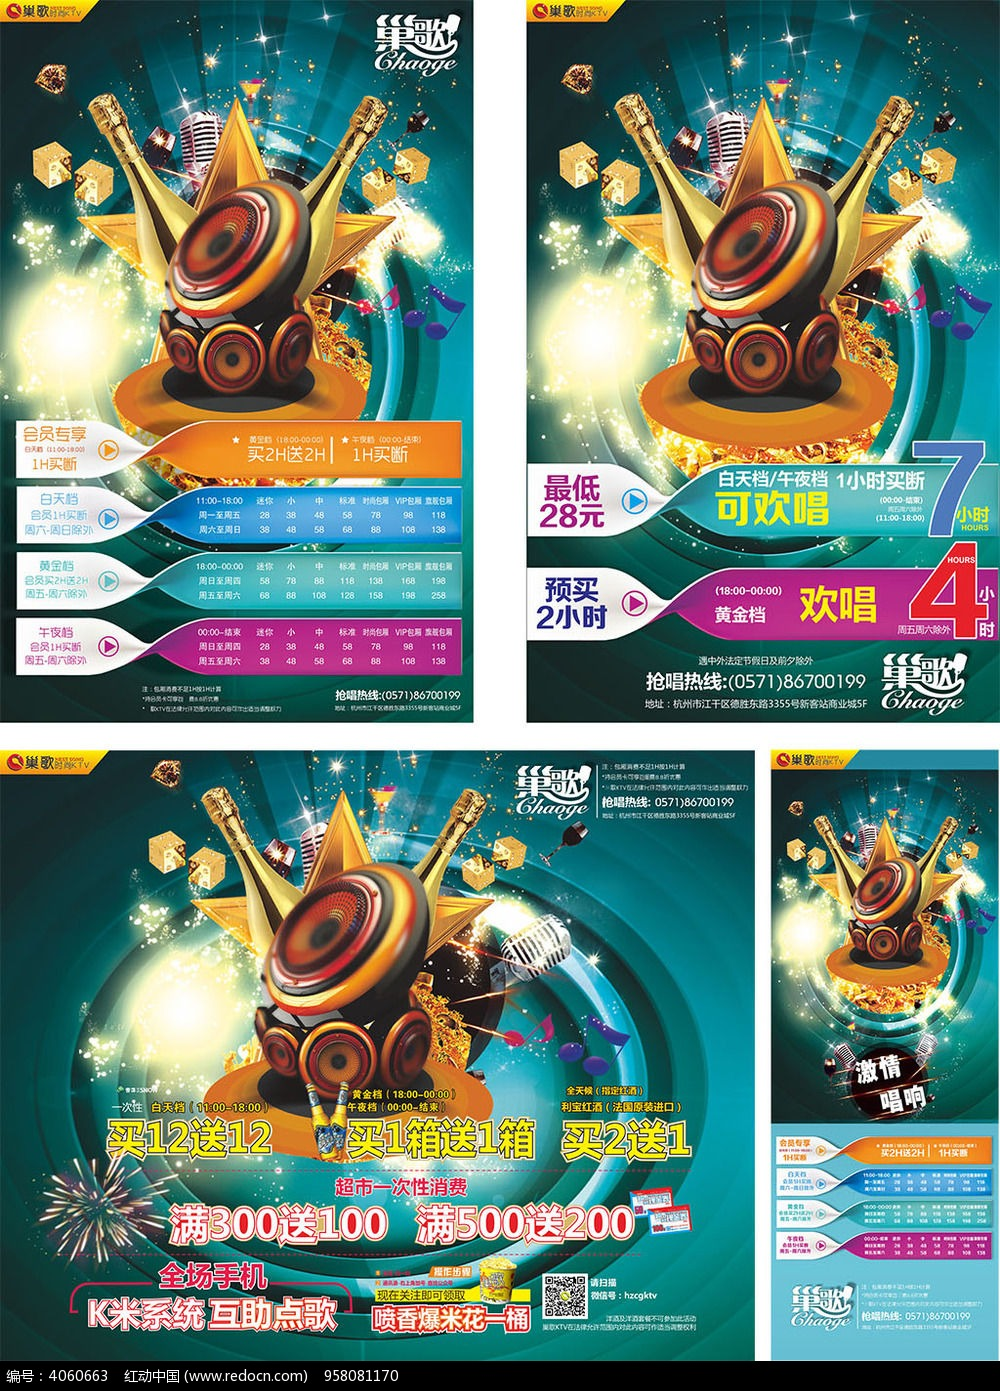 原创设计稿 海报设计/宣传单/广告牌 海报设计 ktv活动海报设计  请您图片